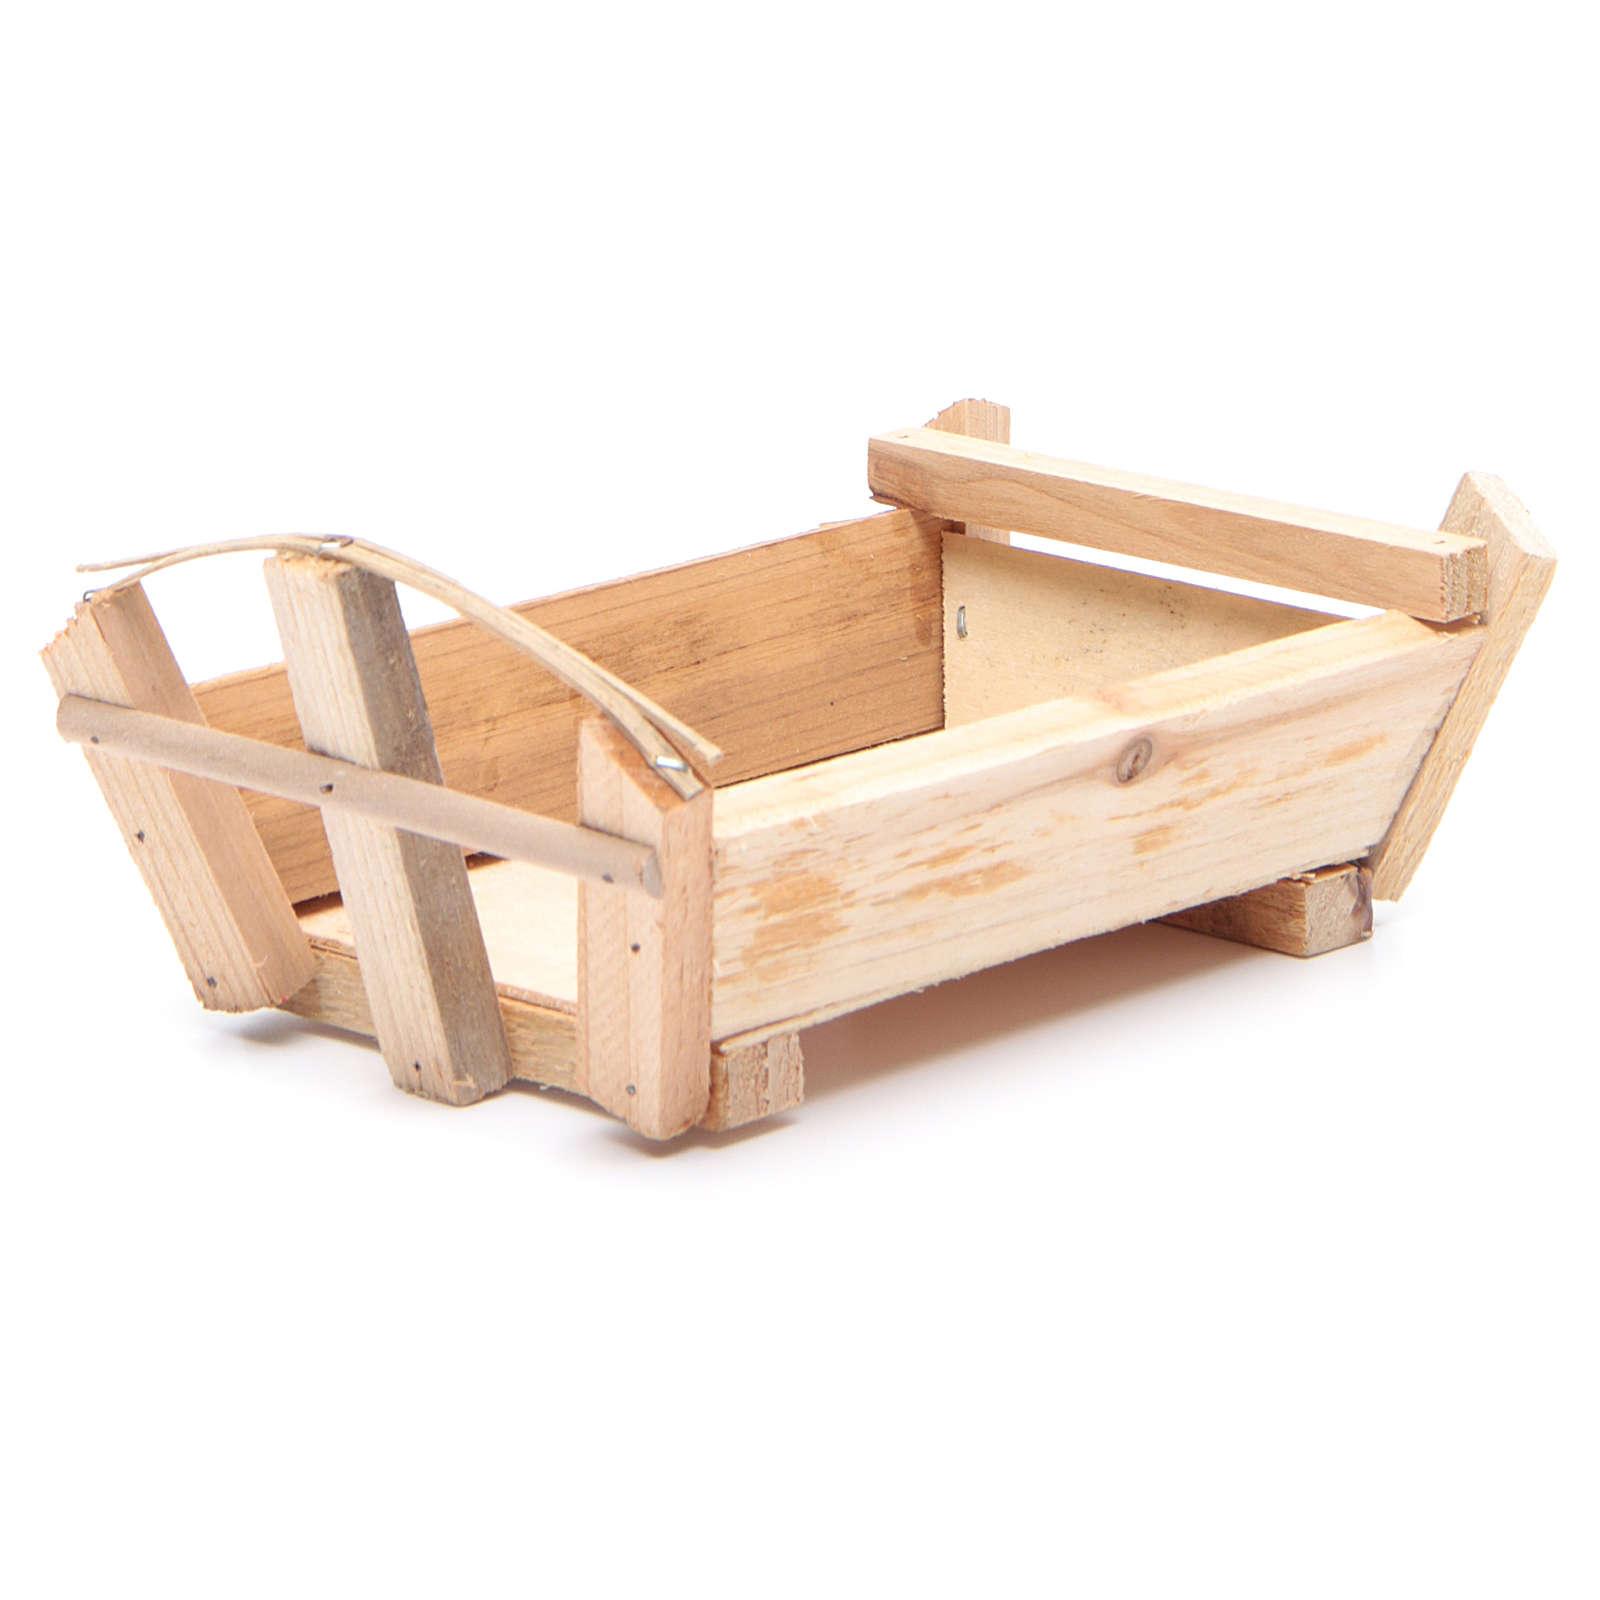 Berceau en bois 9x18x12 cm pour Enfant Jésus 3